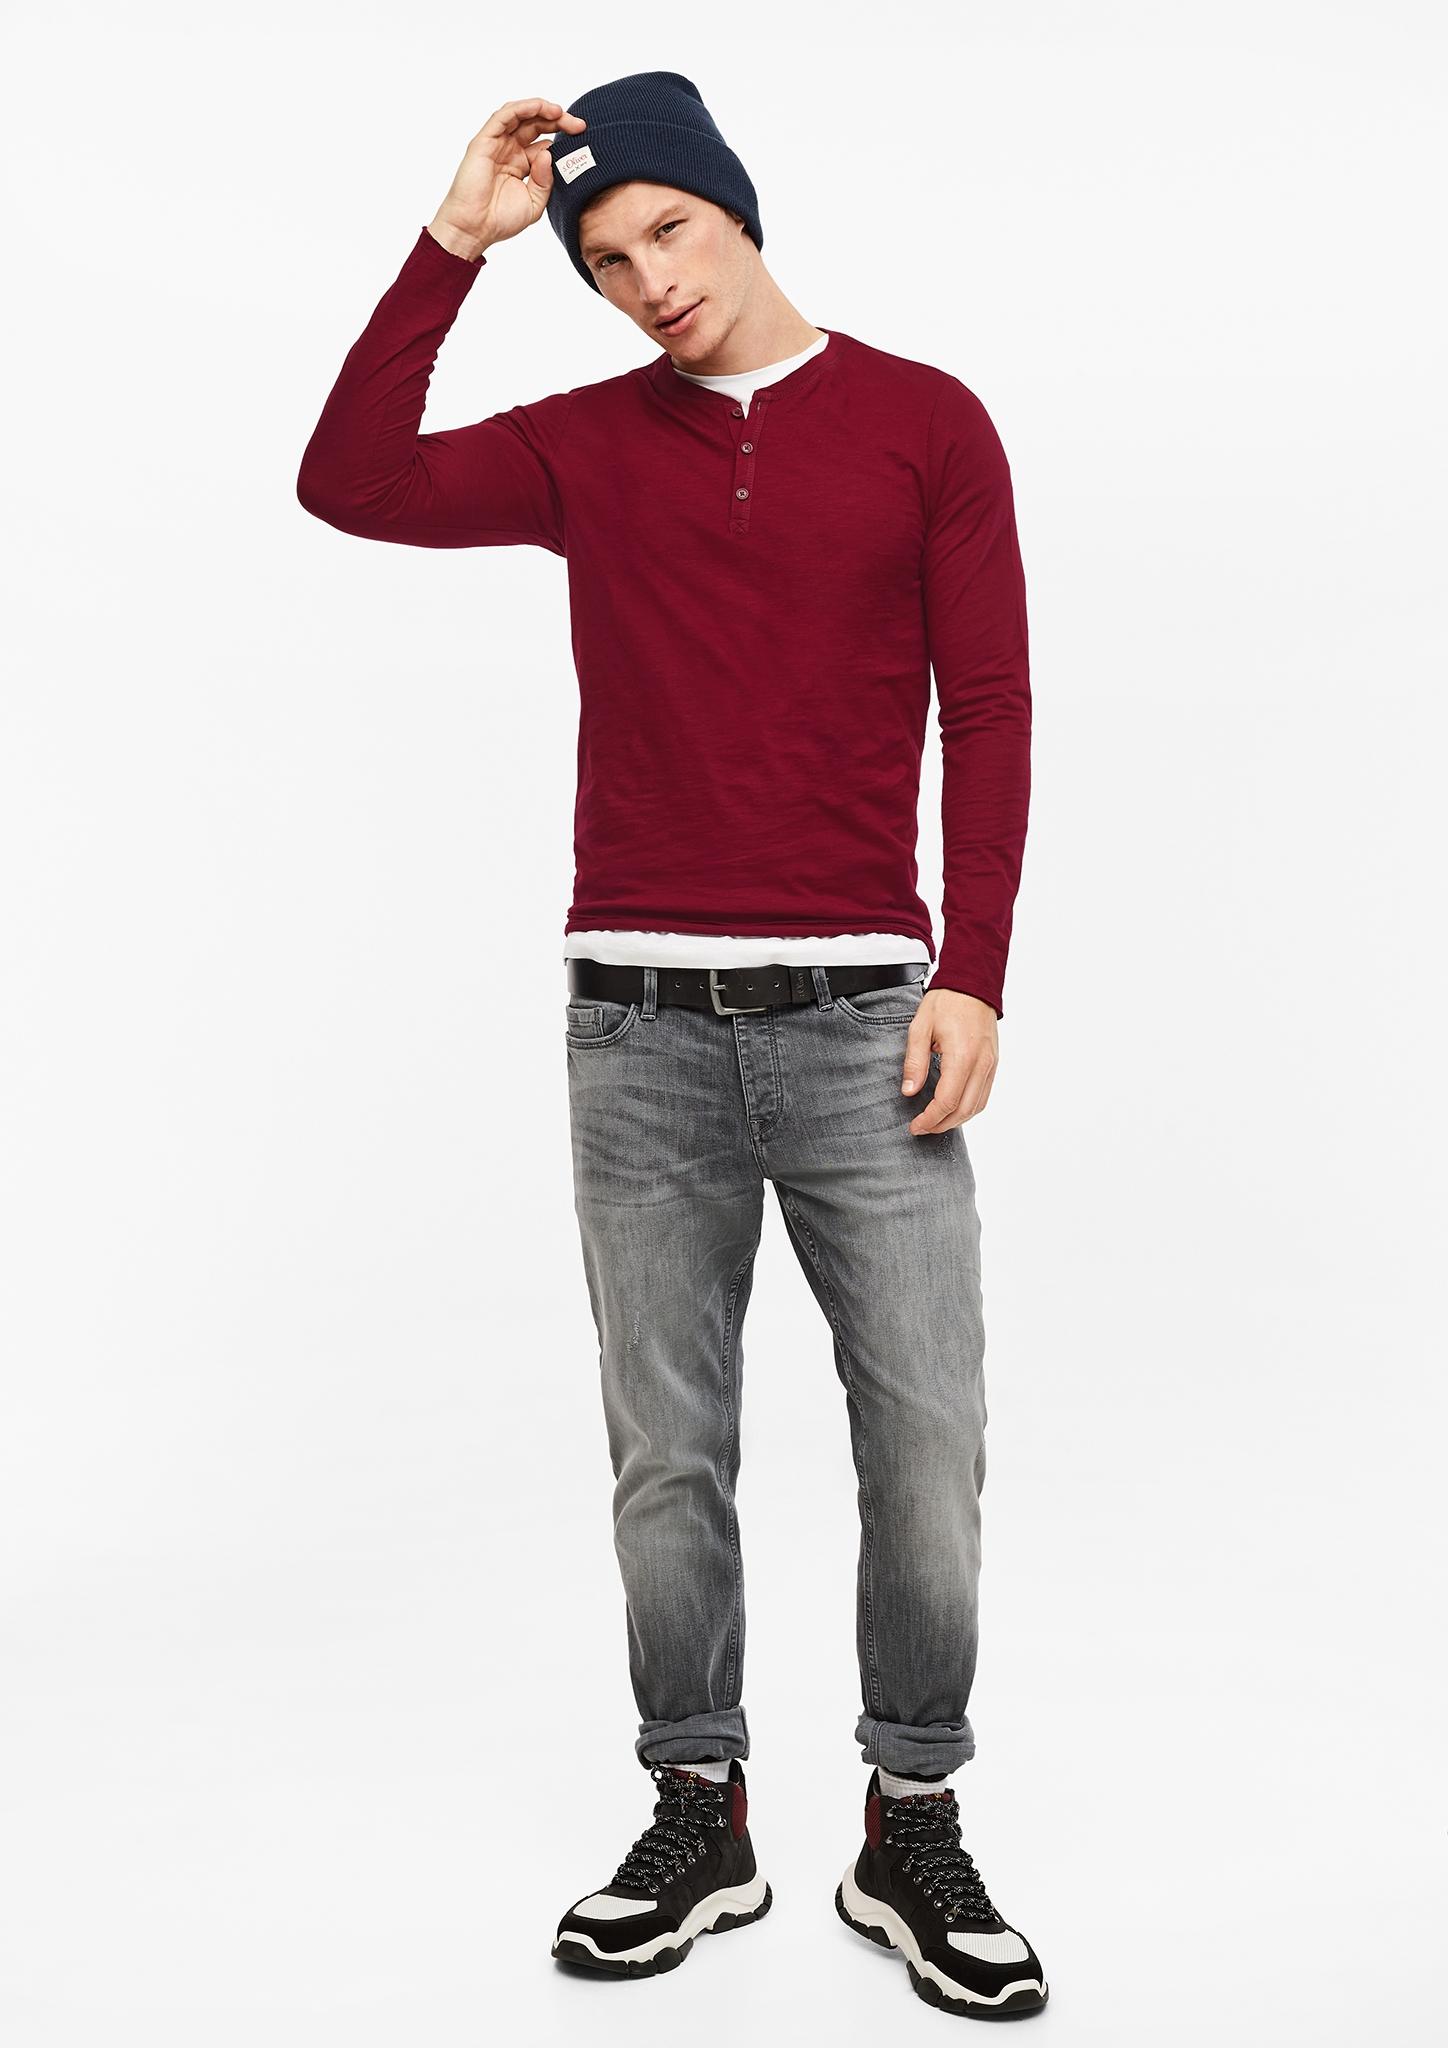 Q-S-designed-by-Denim-Men-vertikal-Henleyshirt-aus-Flammgarn-Neu Indexbild 8